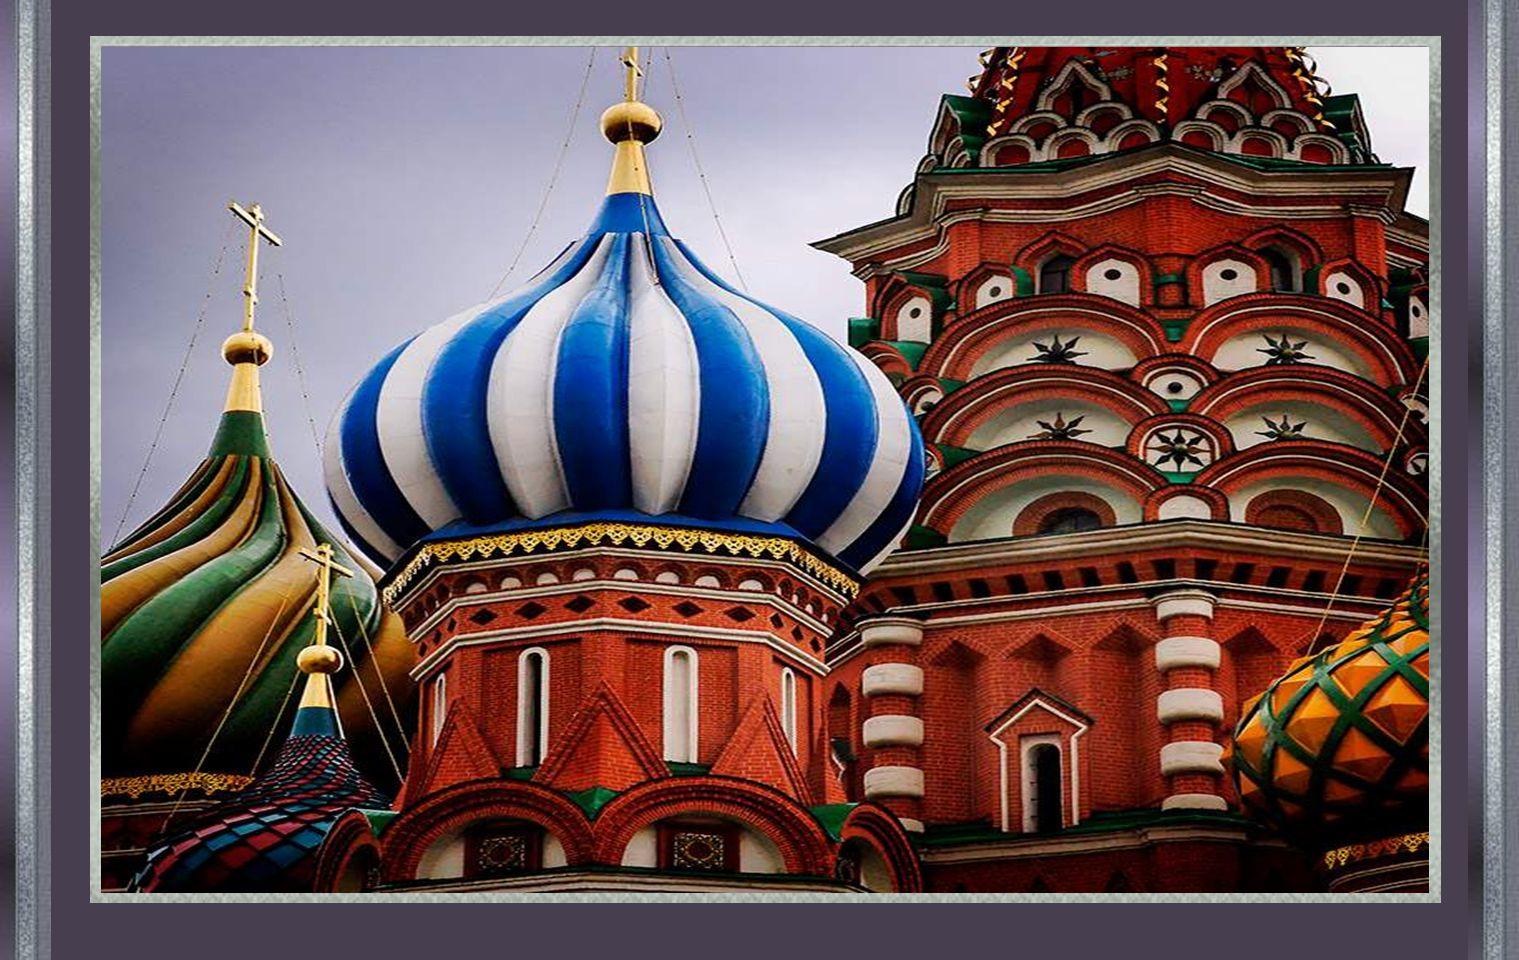 Podle jedné legendy nechal car Ivan jejího architekta oslepit, aby už nikdy nemohl vystavět takový nebo ještě lepší chrám.